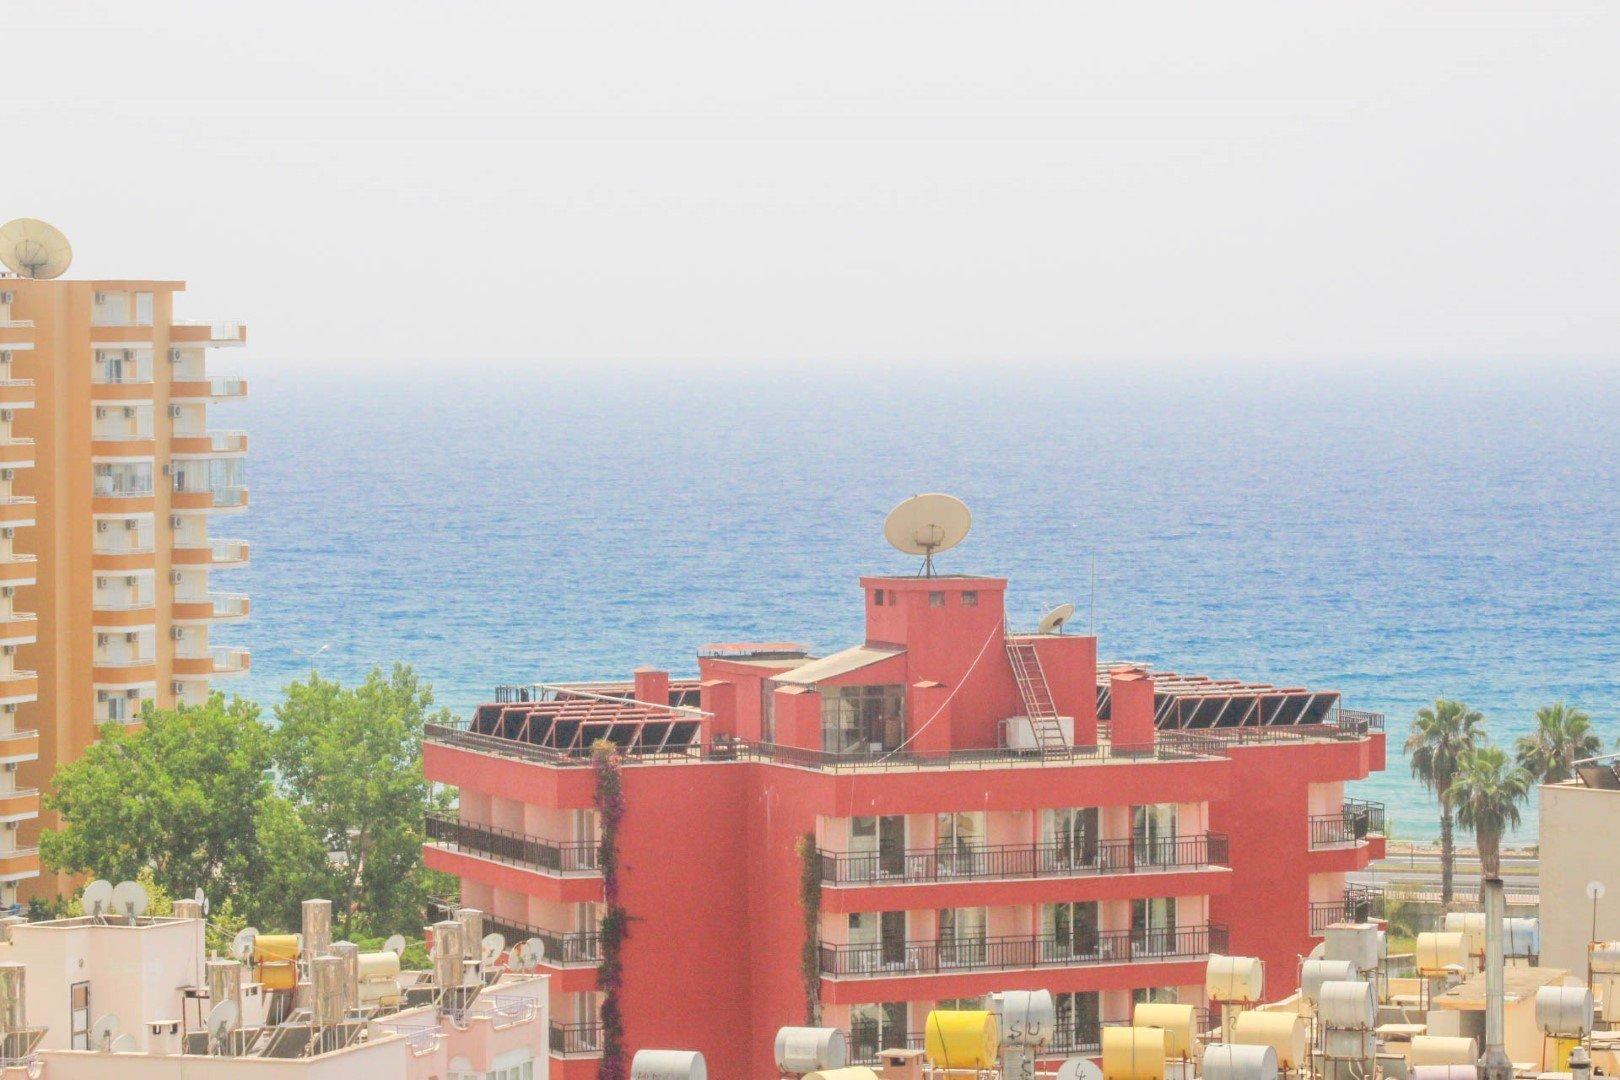 Полностью меблированная 1+1 квартира на высоком этаже с видом на море